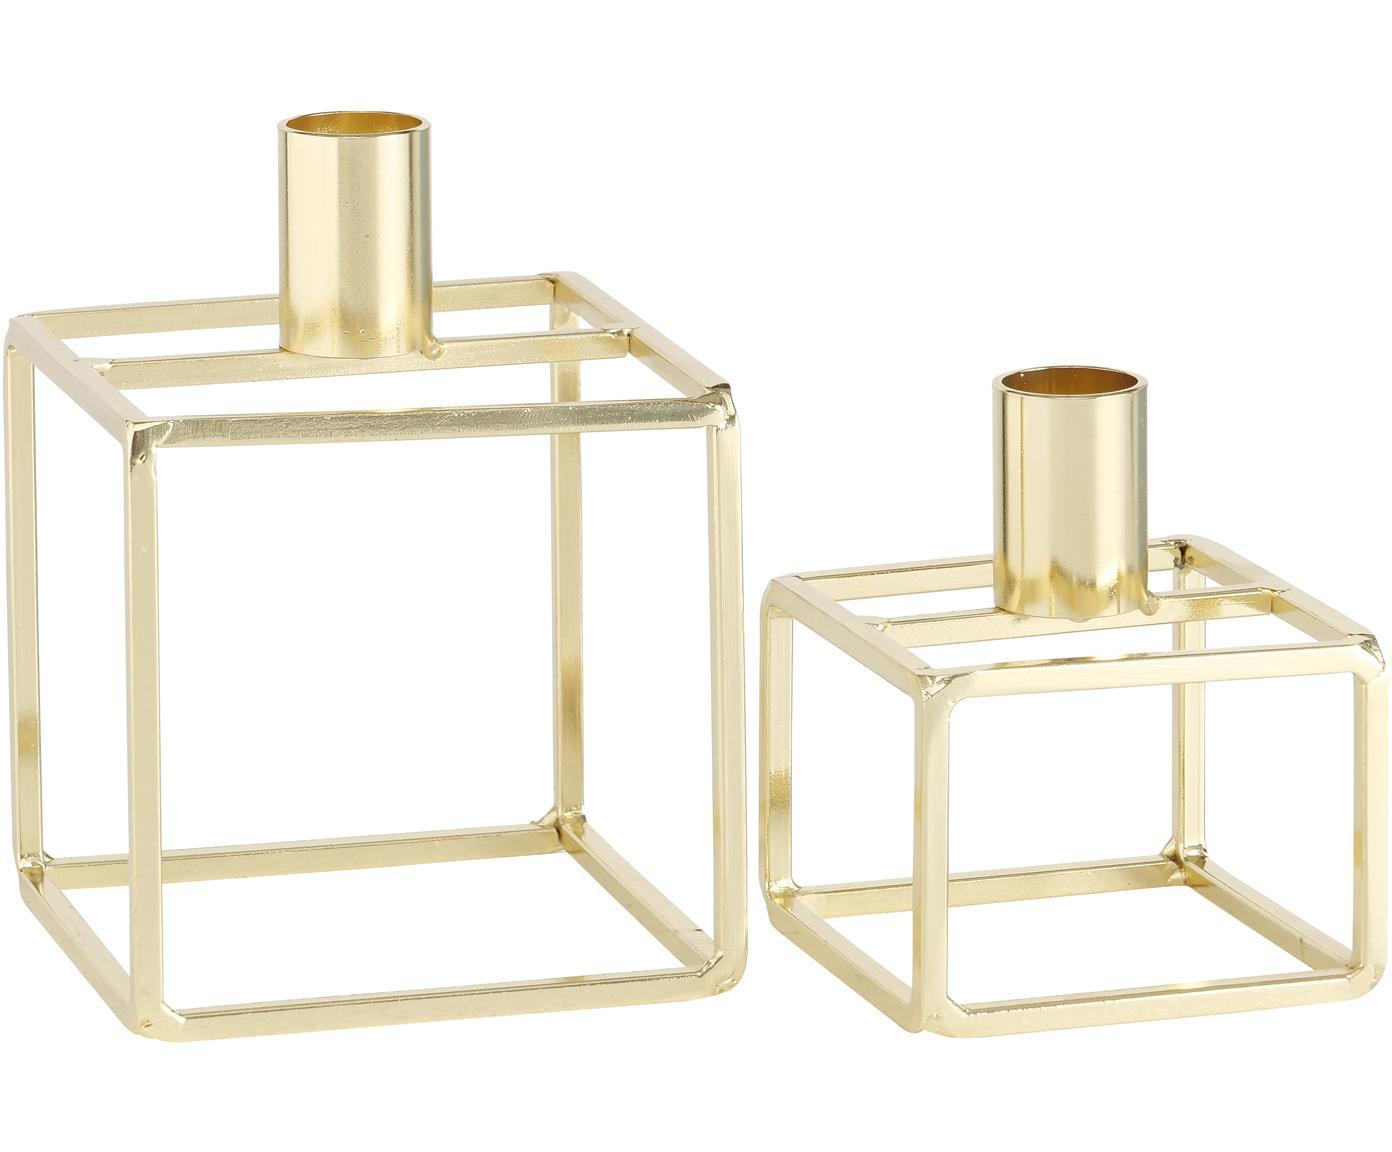 Kerzenhalter-Set Orissa, 2-tlg., Metall, Messingfarben, Sondergrößen